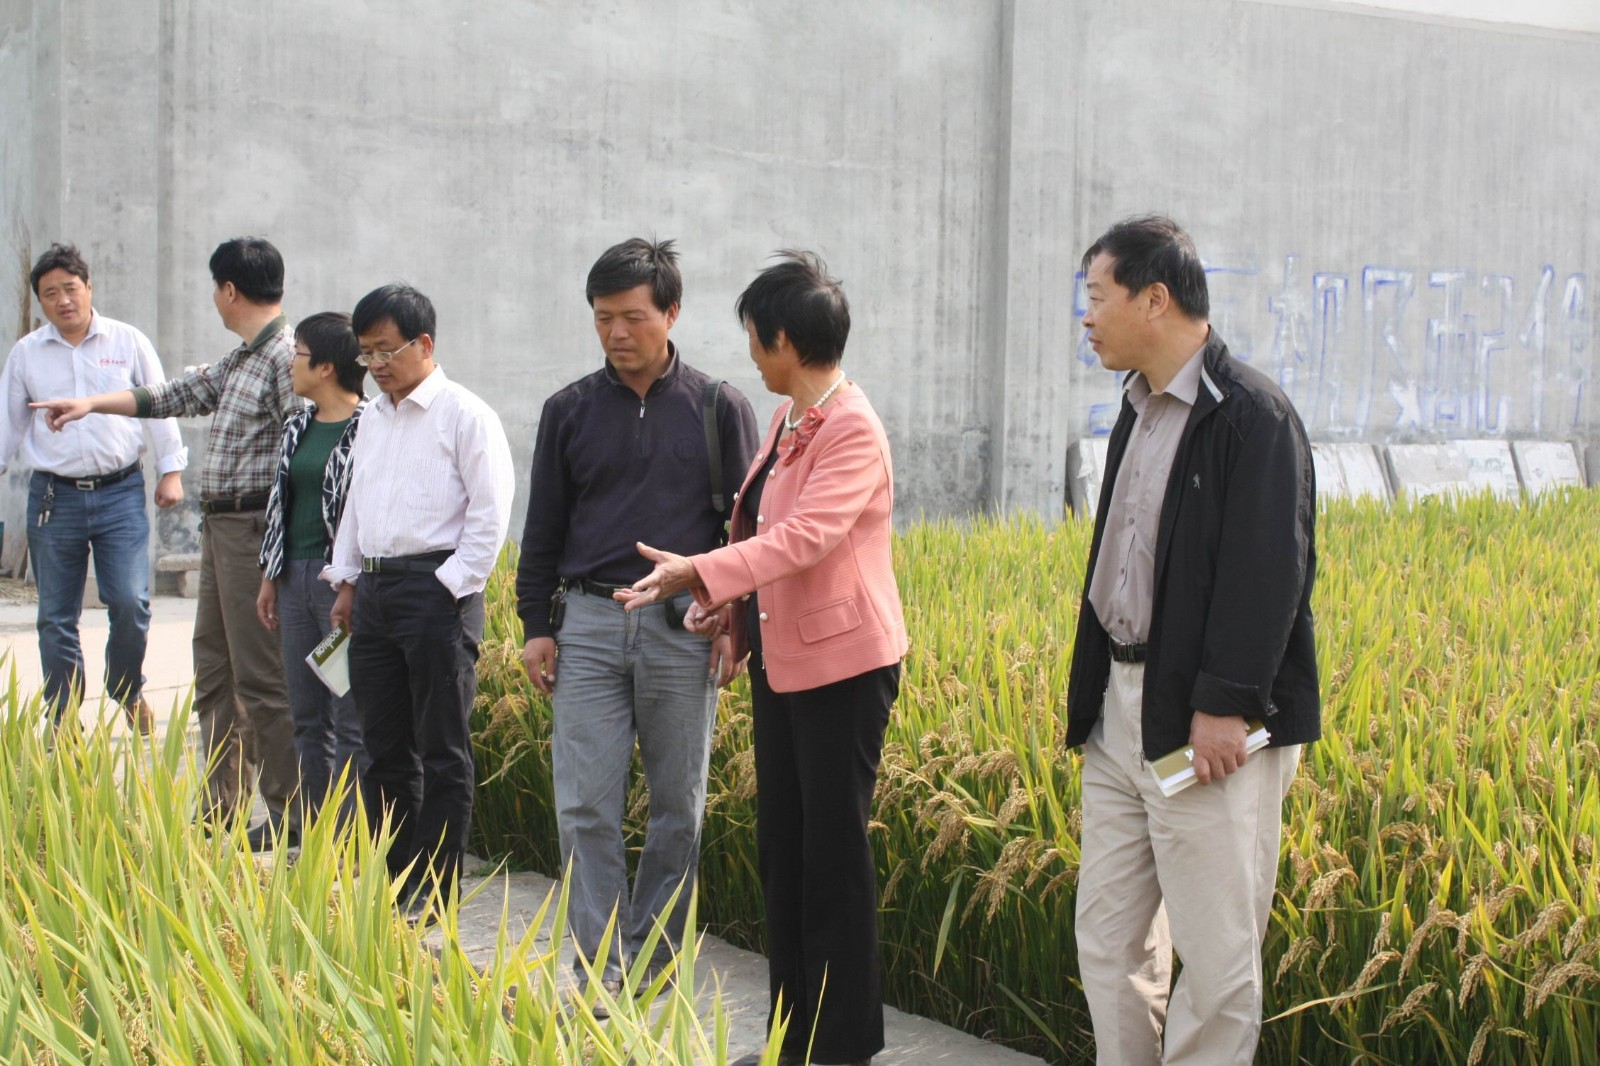 省种子管理站、河南省农科院专家到公司指导工作